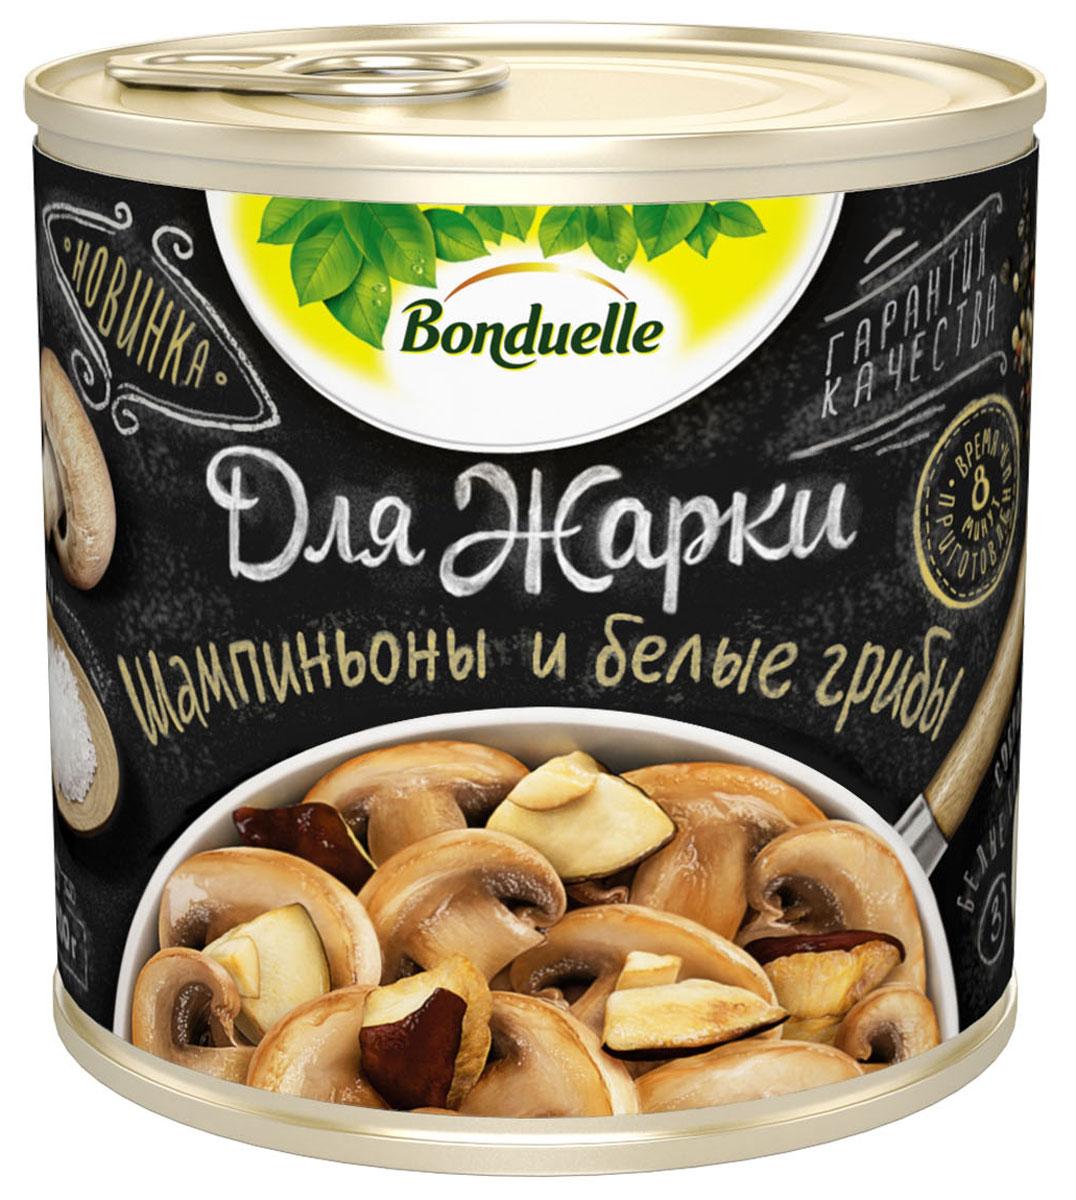 Bonduelle шампиньоны и белые грибы Для жарки, 400 г bonduelle фьюжн горошек зеленый по парижски 400 г